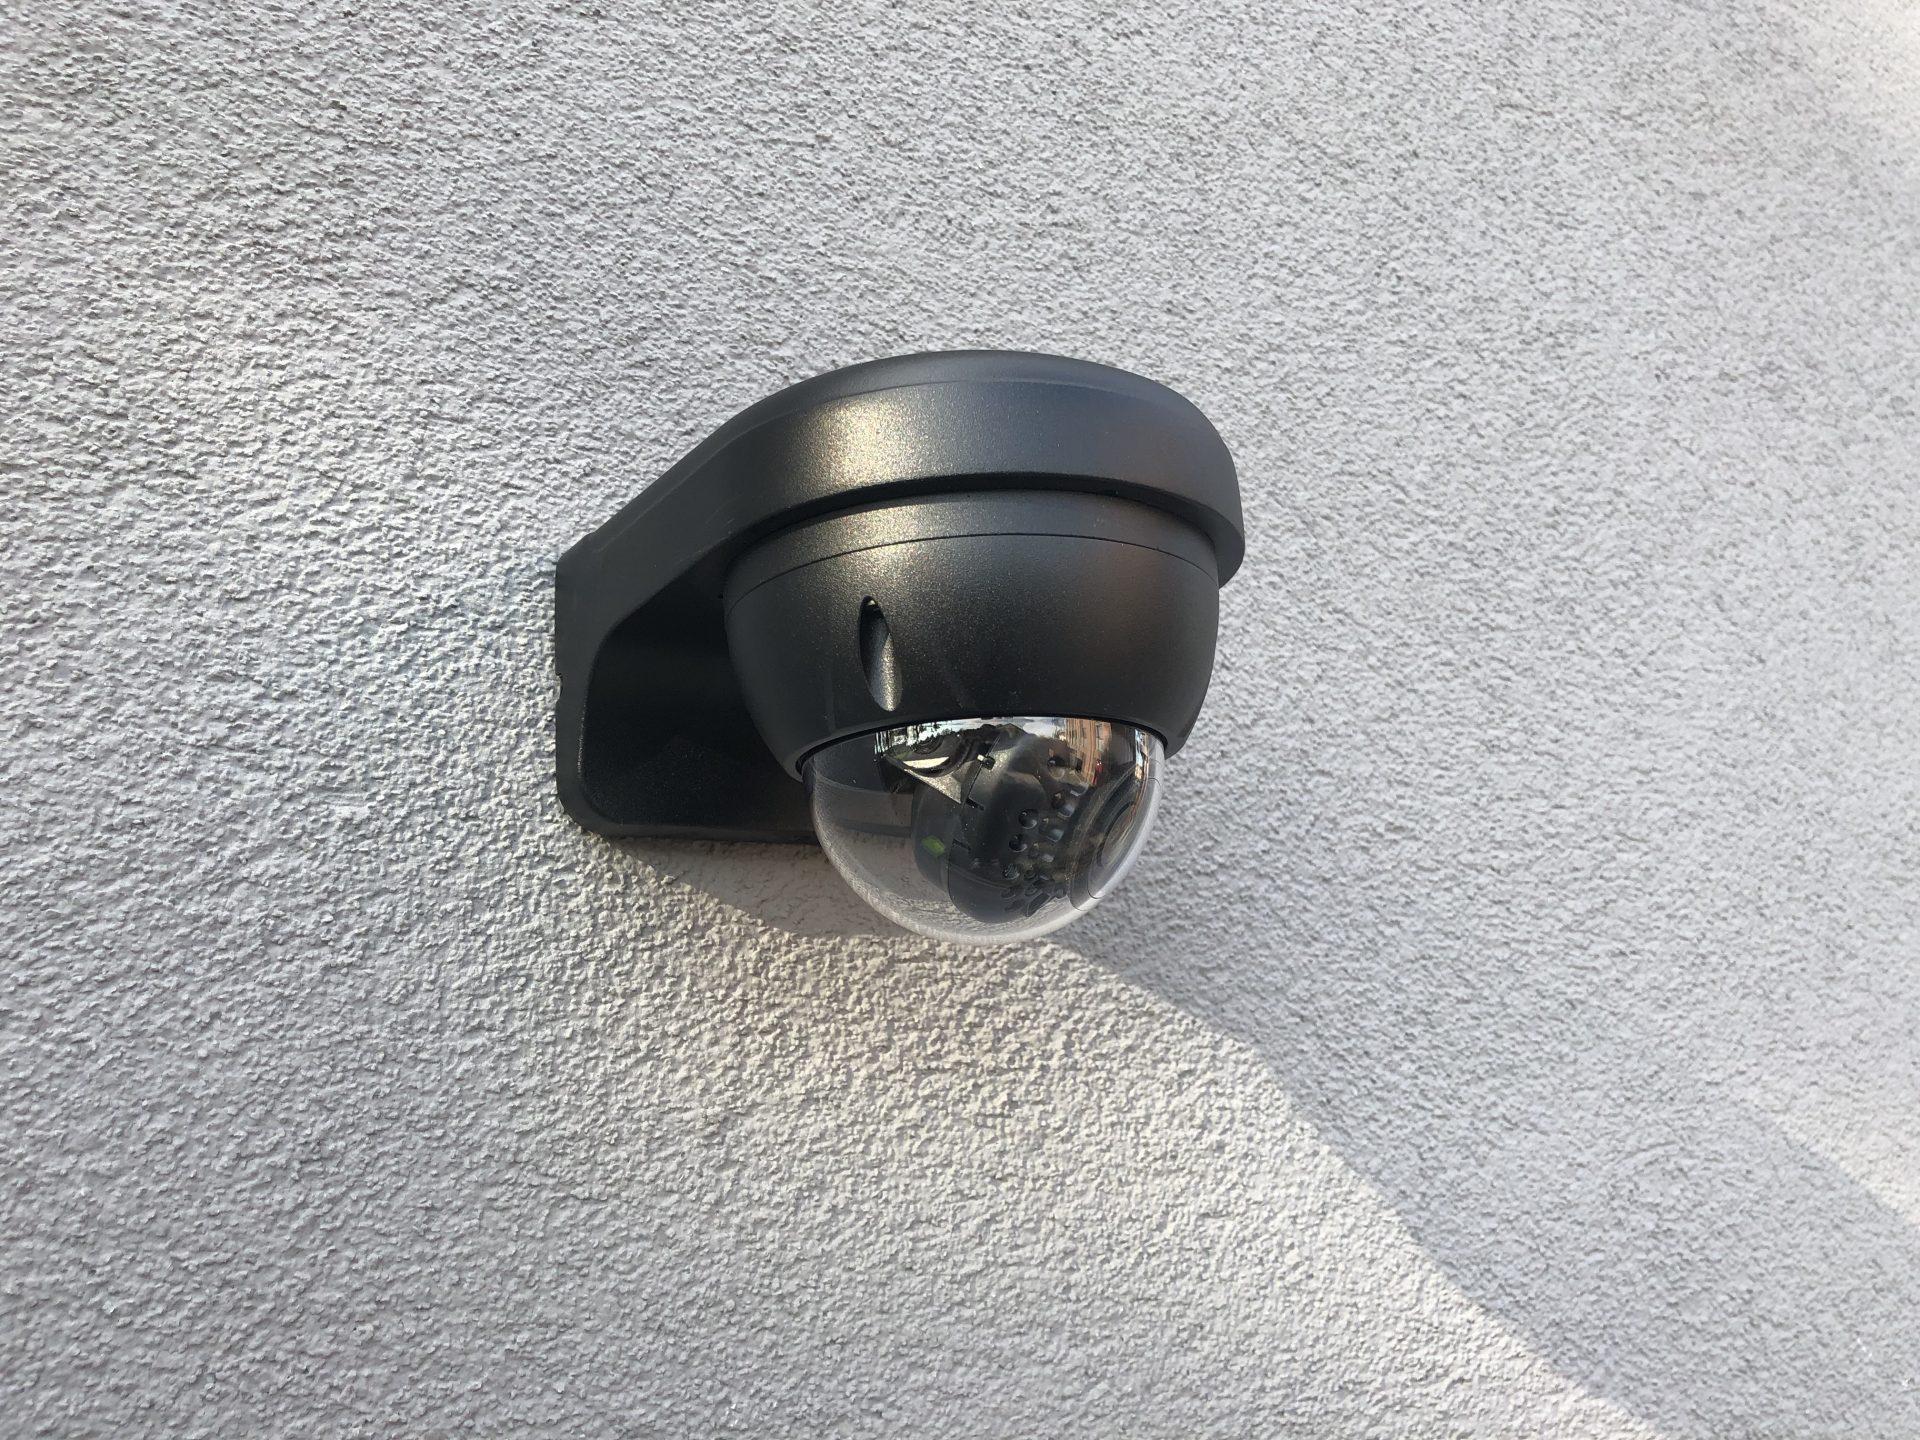 Alarme plus miniature service videosurveillance